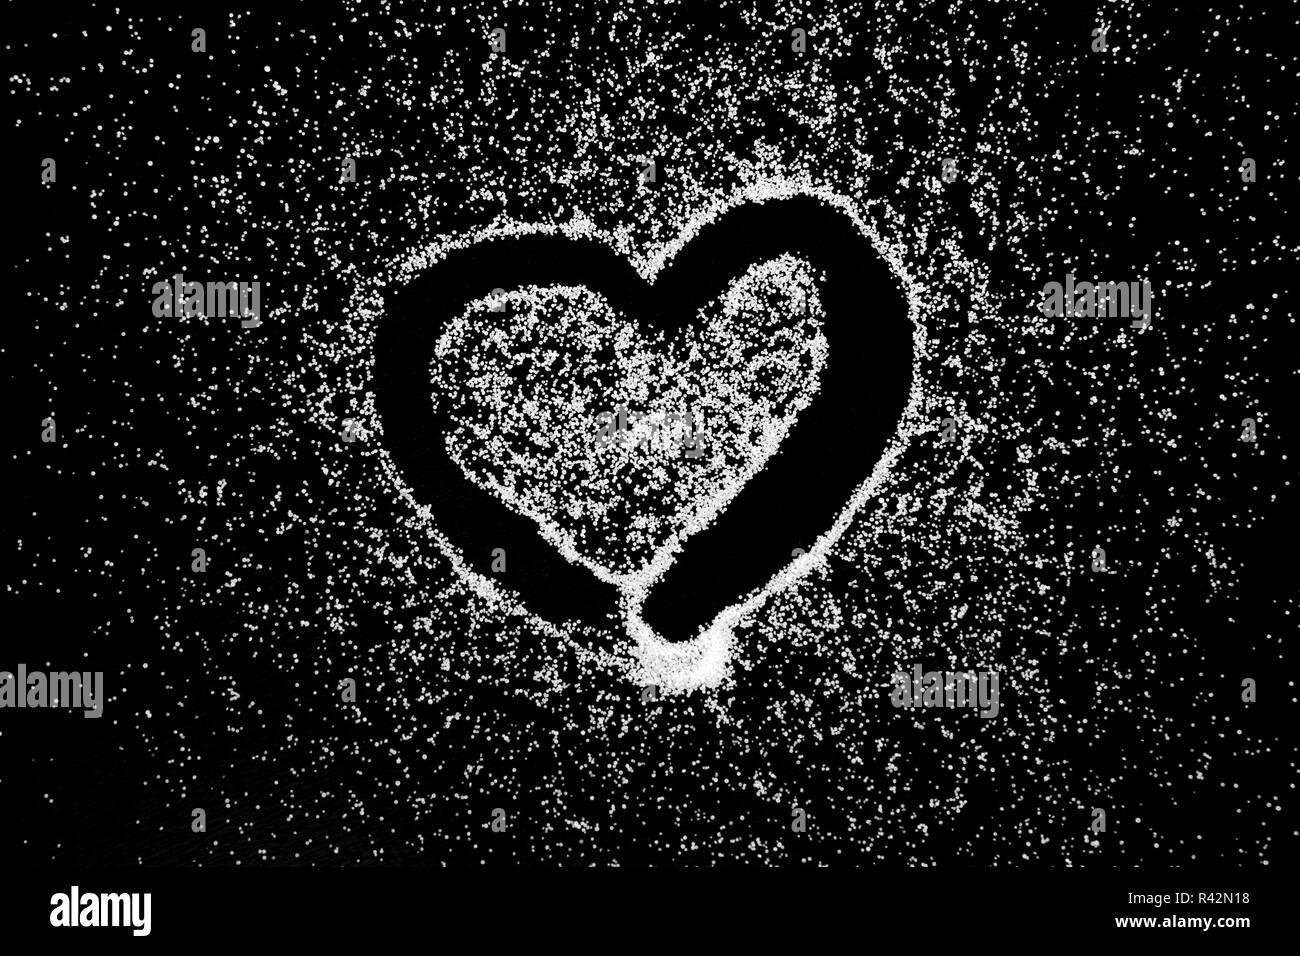 Amour Symbole Coeur Dessin De Doigt Sur La Poudre De Sel